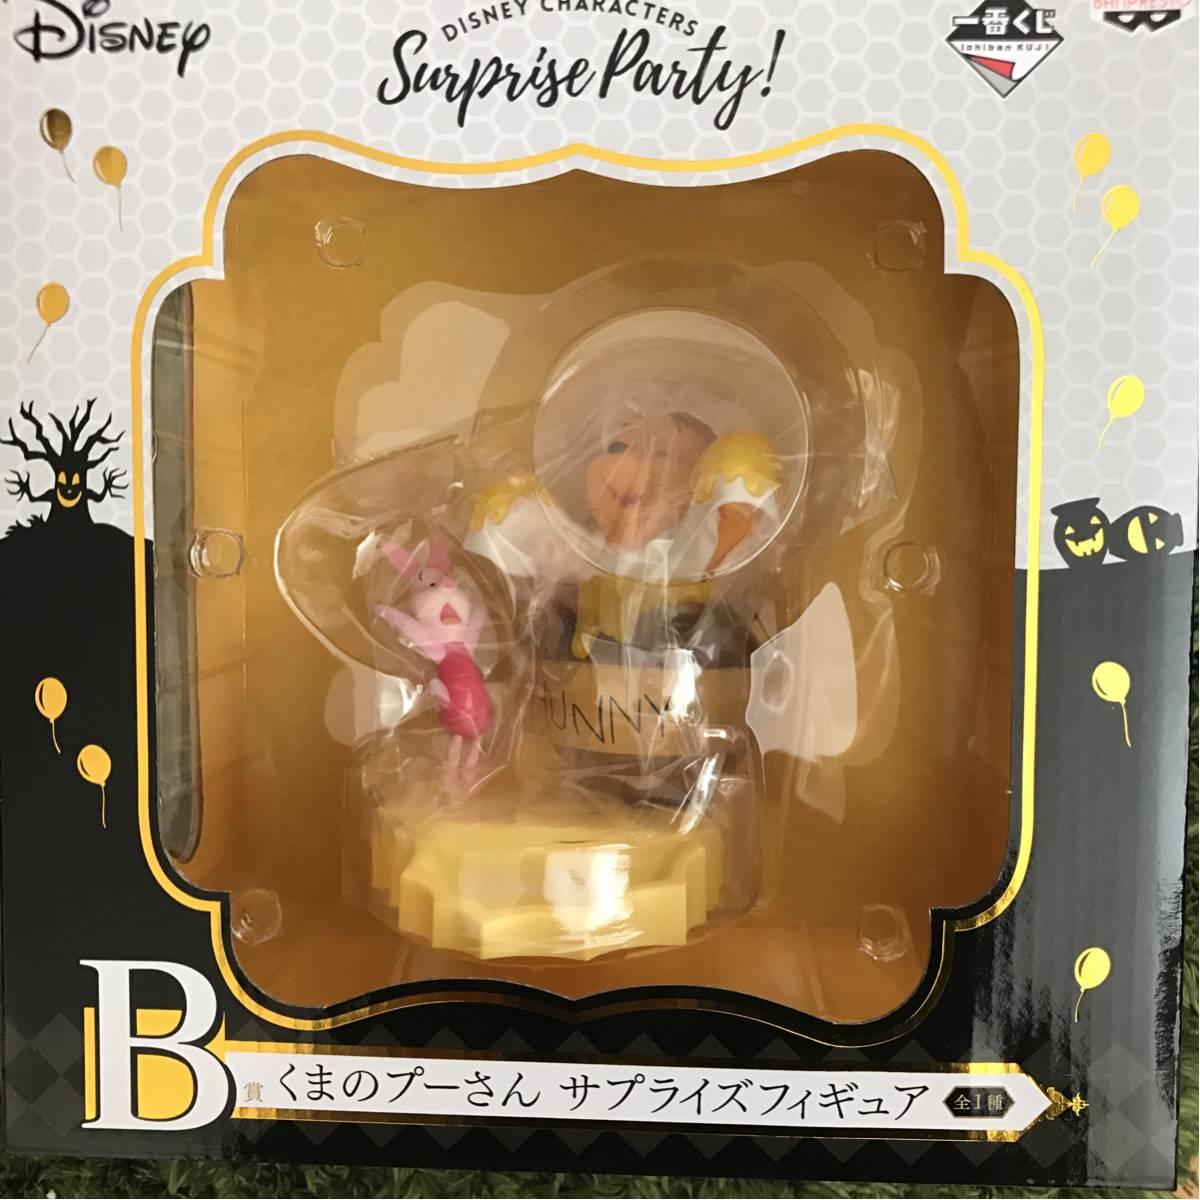 一番くじ ディズニー B賞 くまのプーさん ディズニーグッズの画像